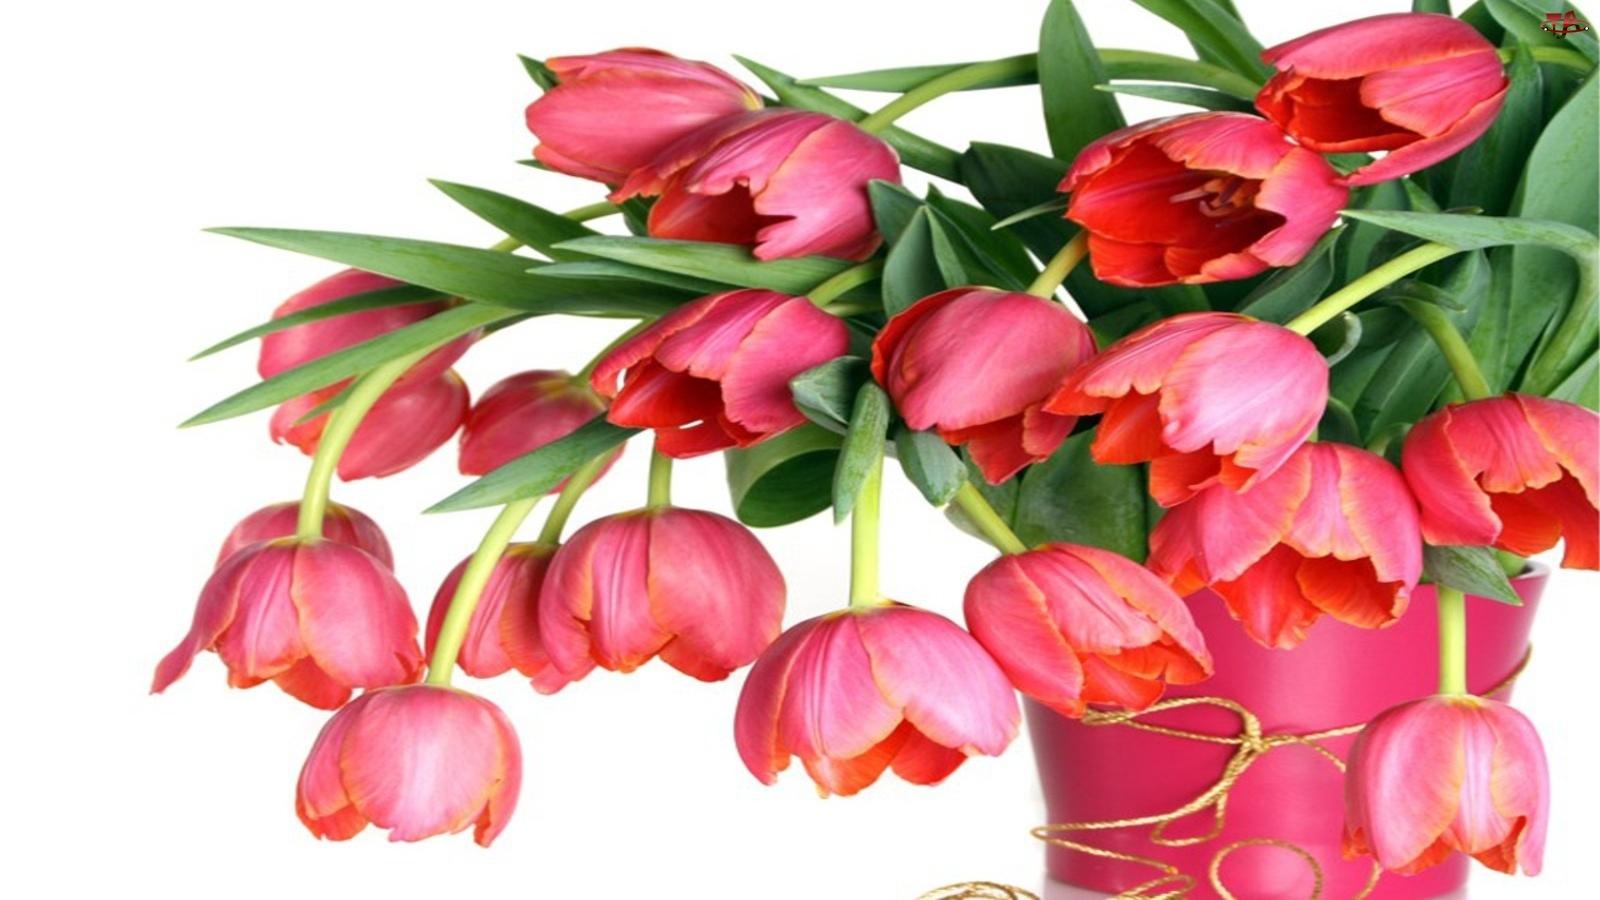 Tulipanów, Wazon, Różowych, Bukiet, Różowy